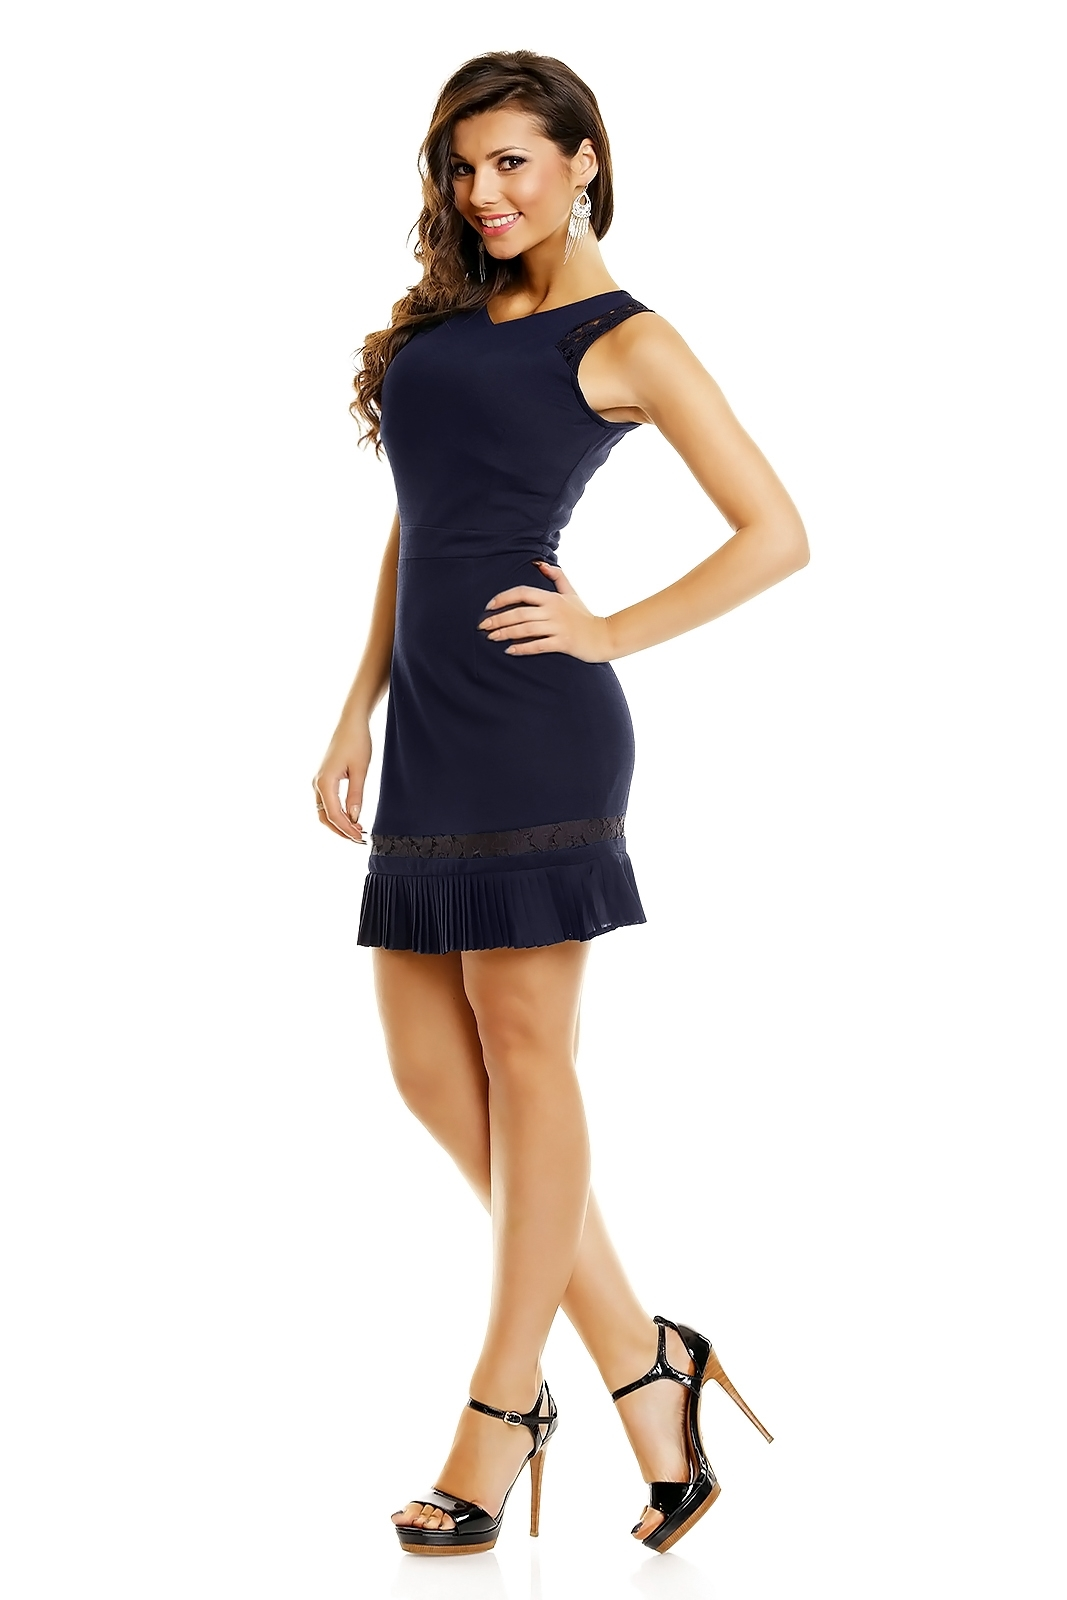 Společenské šaty zdobené krajkou se skládanou sukénkou krátké HS-1227-DB tm.modrá L